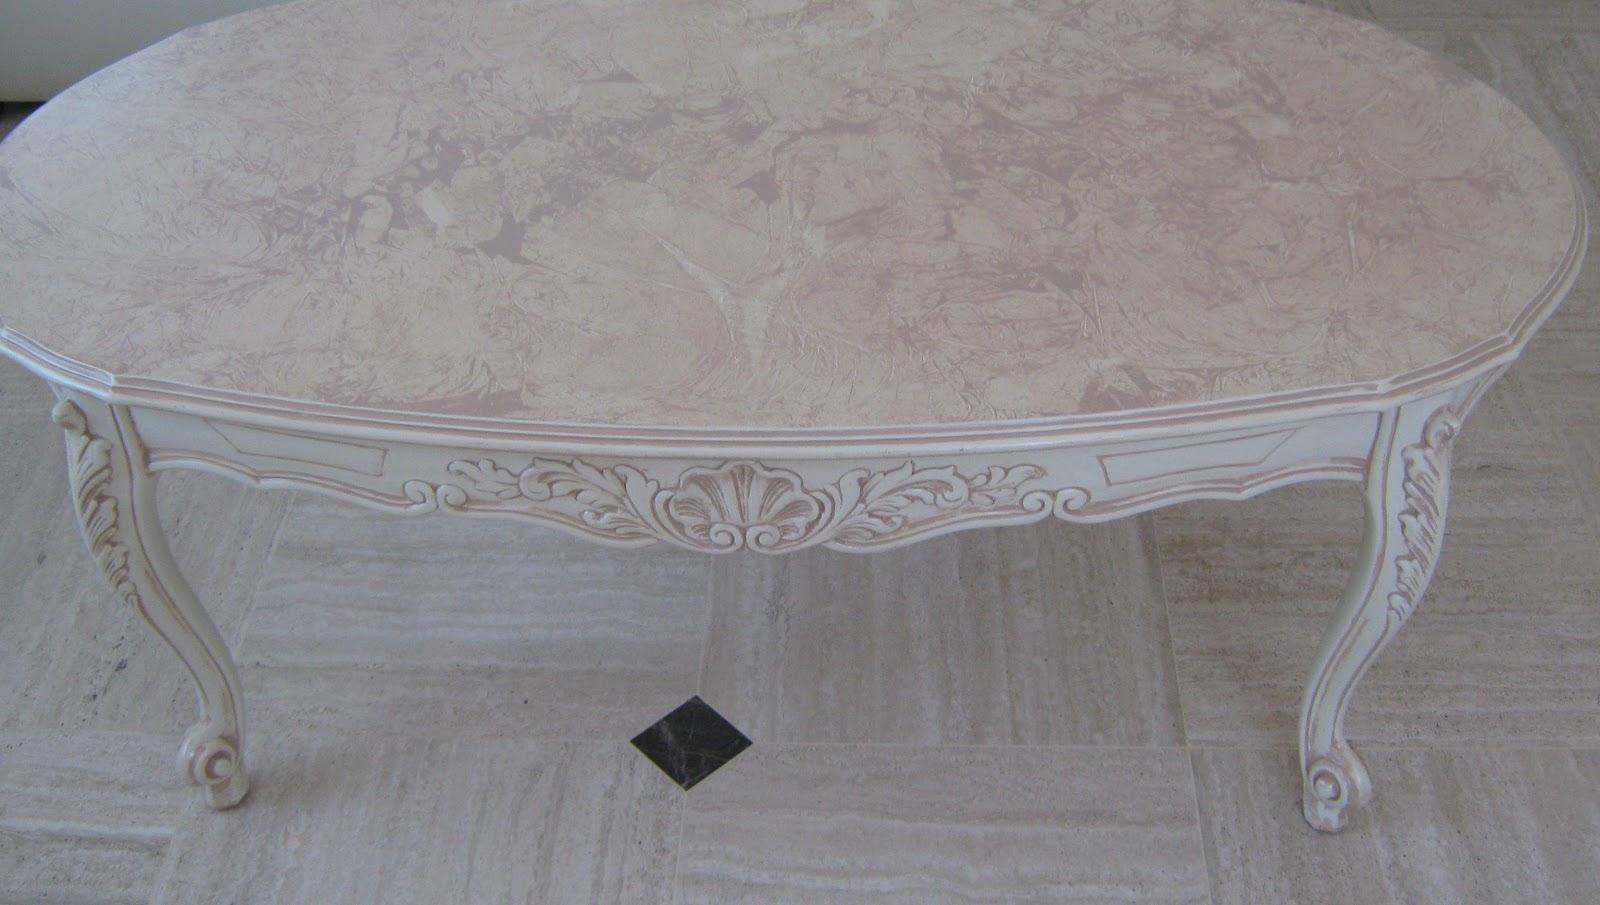 pat 39 in une nouvelle vie pour vos meubles et objets patine sur meuble louis xv. Black Bedroom Furniture Sets. Home Design Ideas